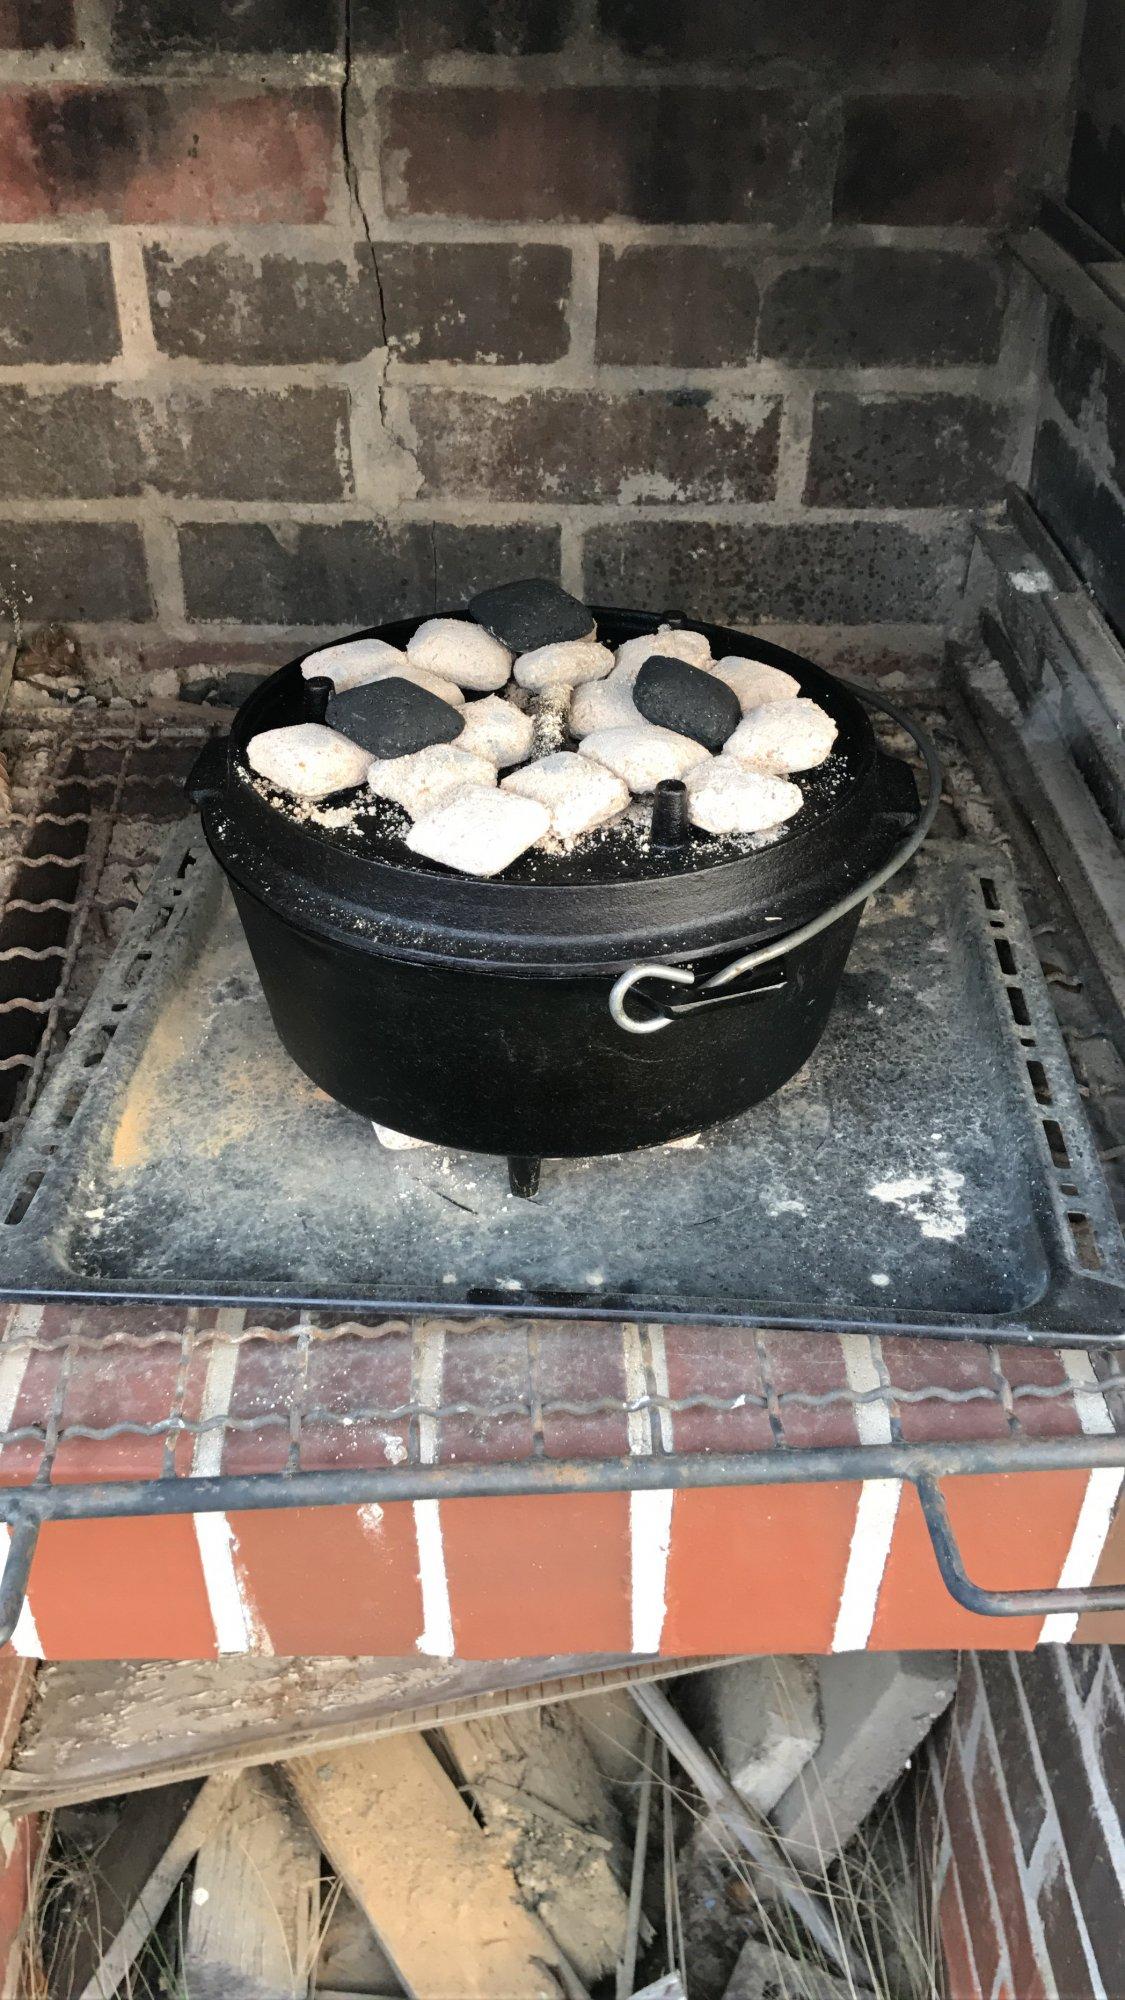 gemauerter grill good mit tischen bnken und gemauerter grill am meer in hayling island. Black Bedroom Furniture Sets. Home Design Ideas